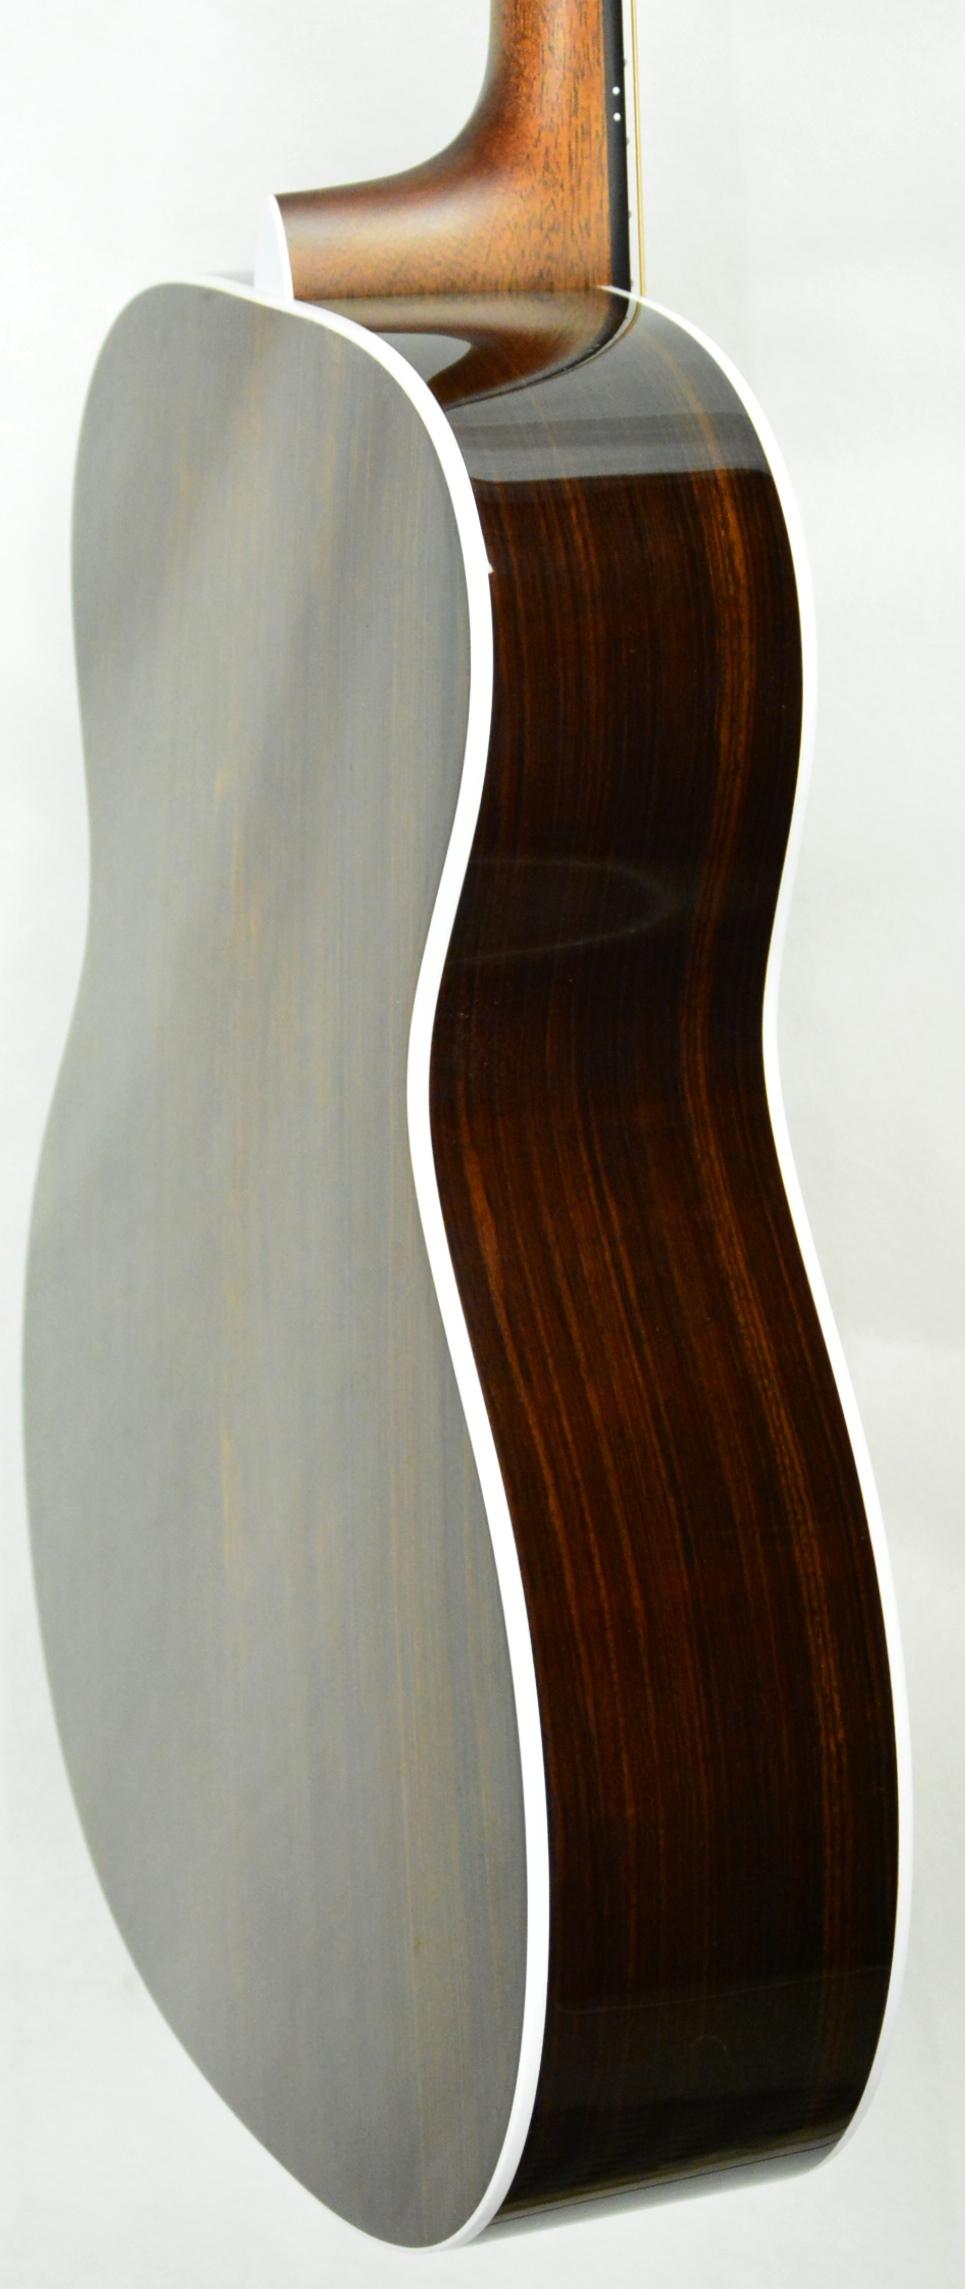 S-1836033 GC07 (5).JPG